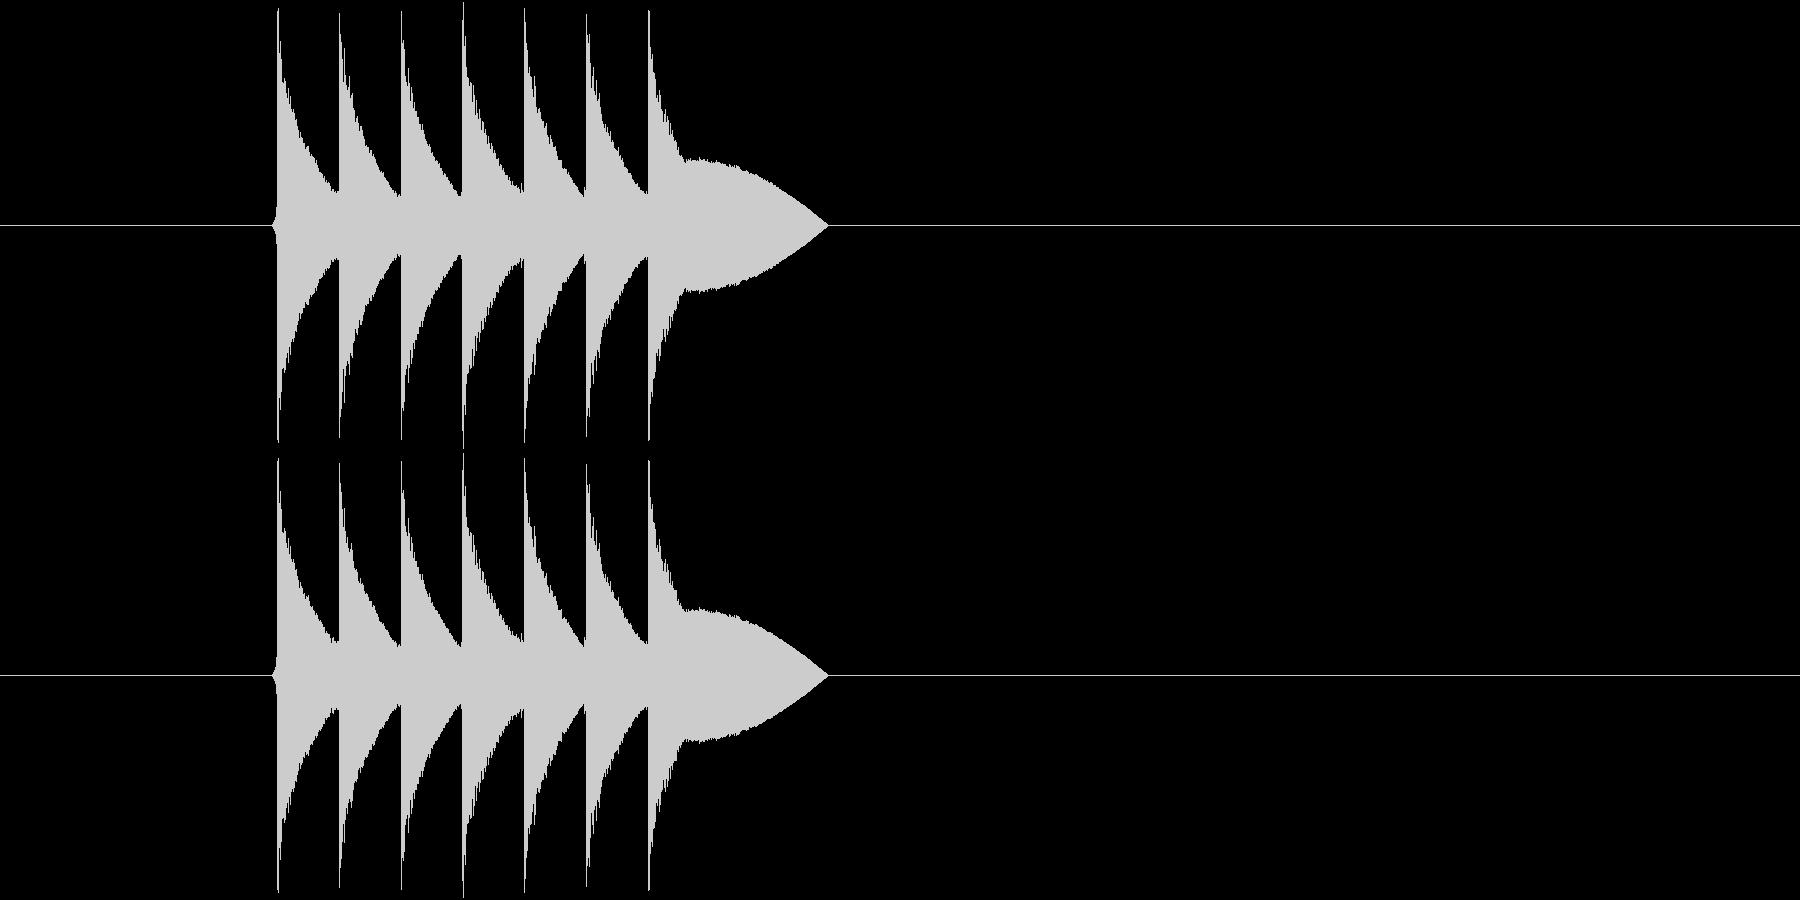 ゲーム、クイズ(正解)_008の未再生の波形